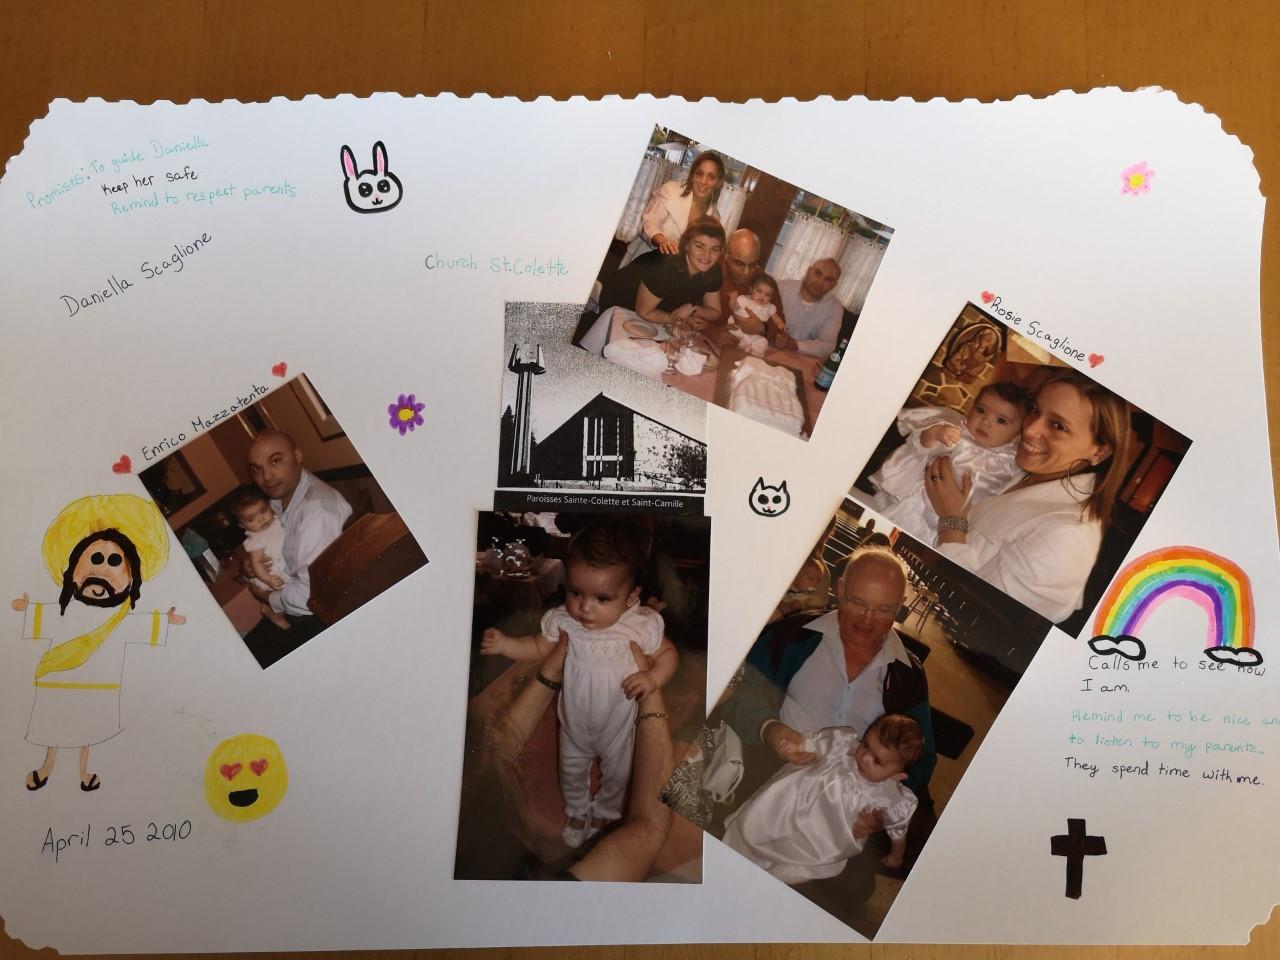 thumbnail_Daniella Scaglione Baptism Pro